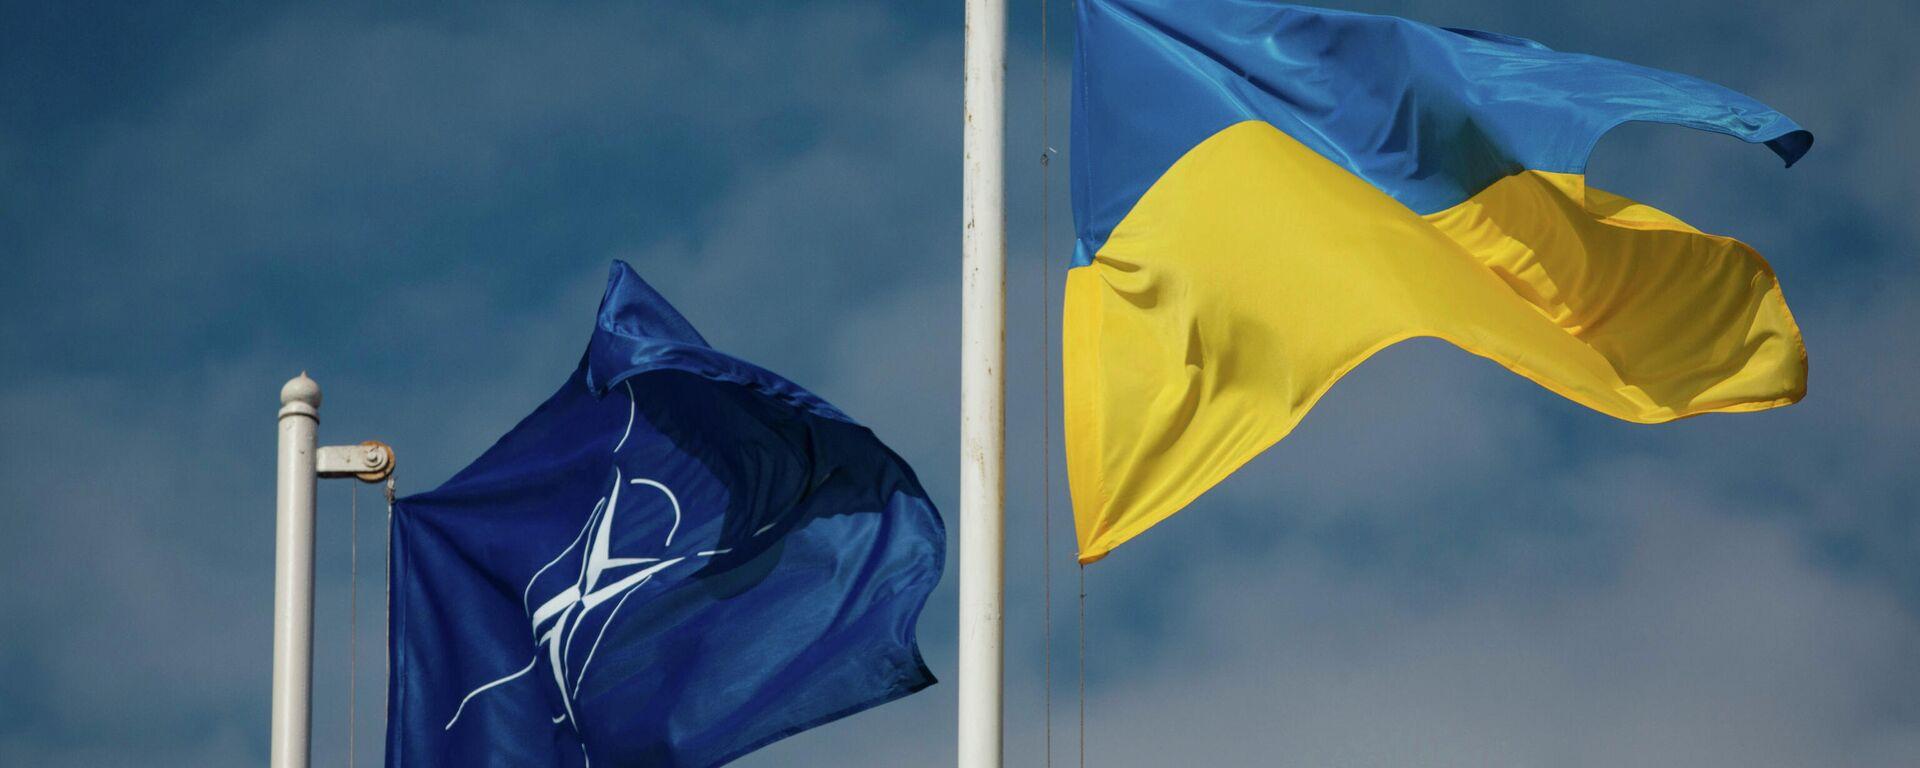 Национальный флаг Украины и флаг Организации Североатлантического договора (НАТО) - Sputnik Латвия, 1920, 16.06.2021